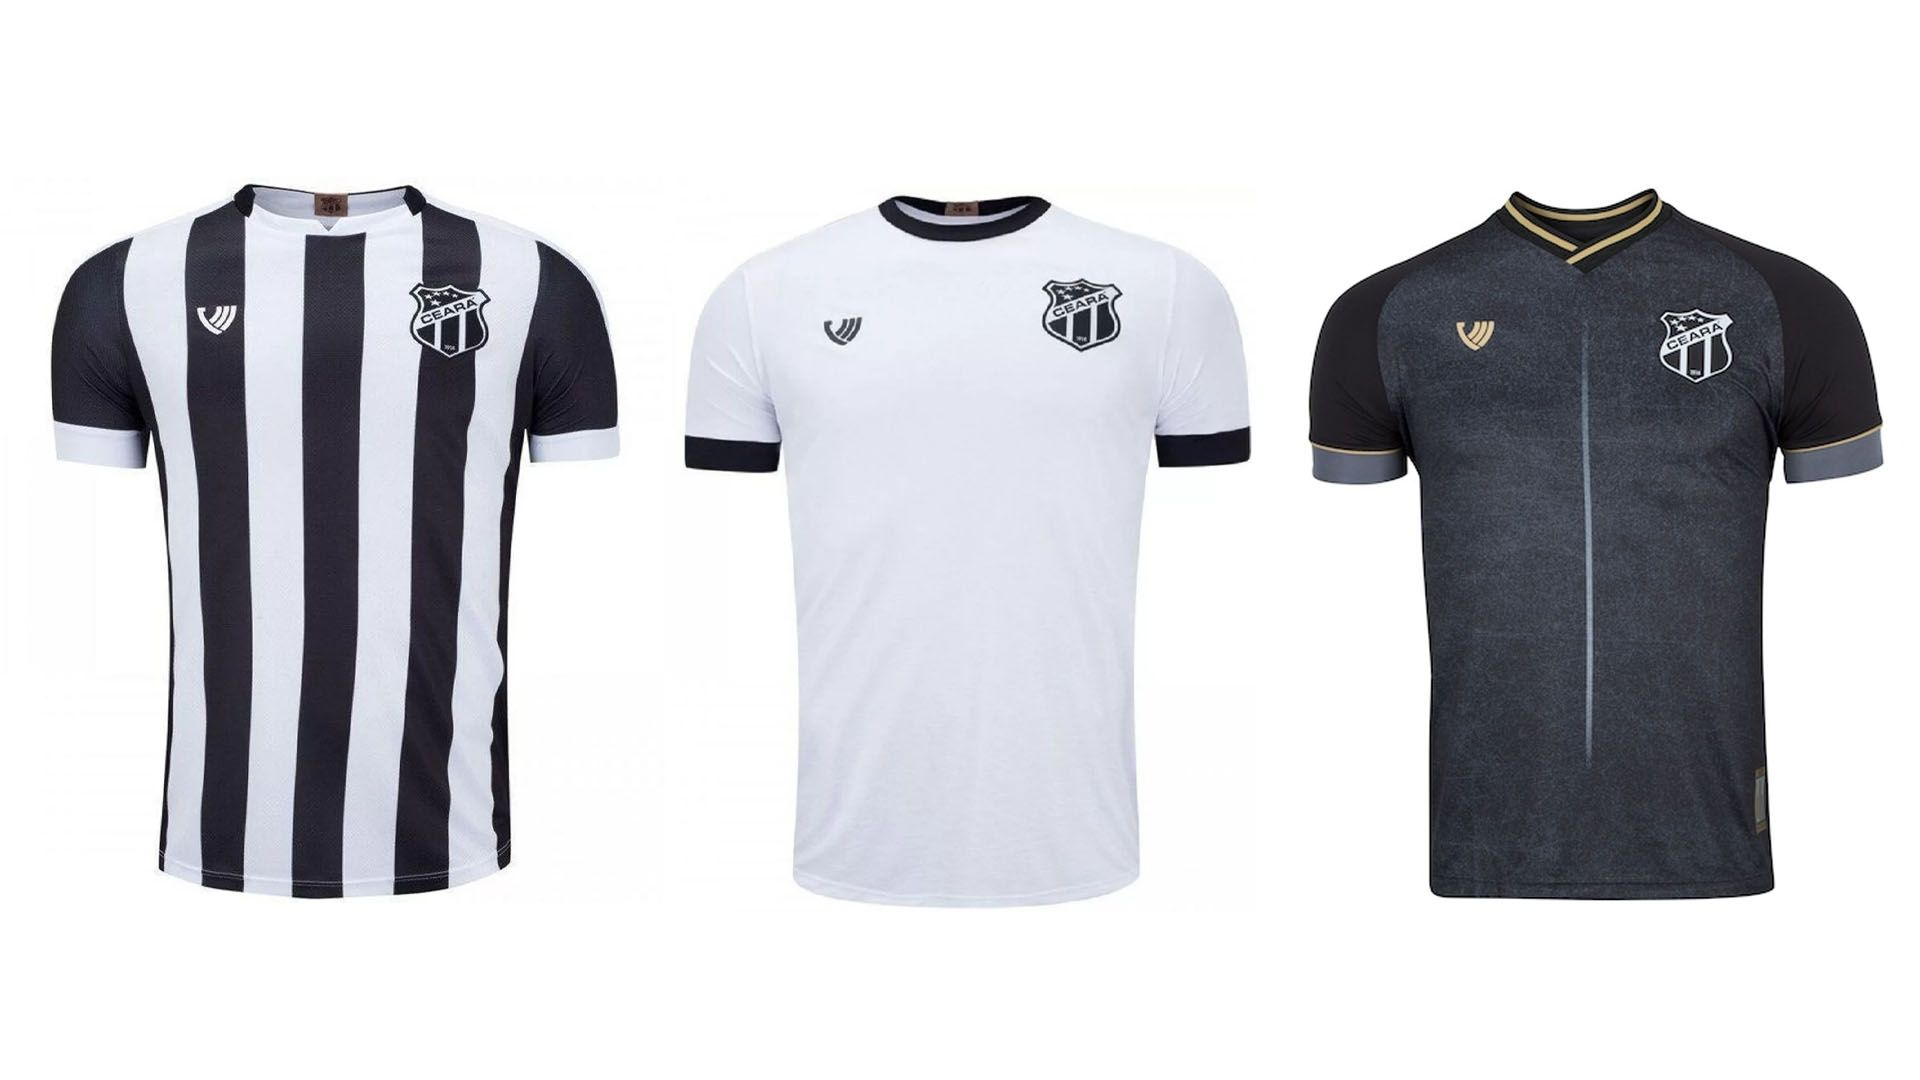 Camisa do Ceará 2020 Vozão Jogo 1, 2 e 3 (Imagem: Divulgação/Vozão)